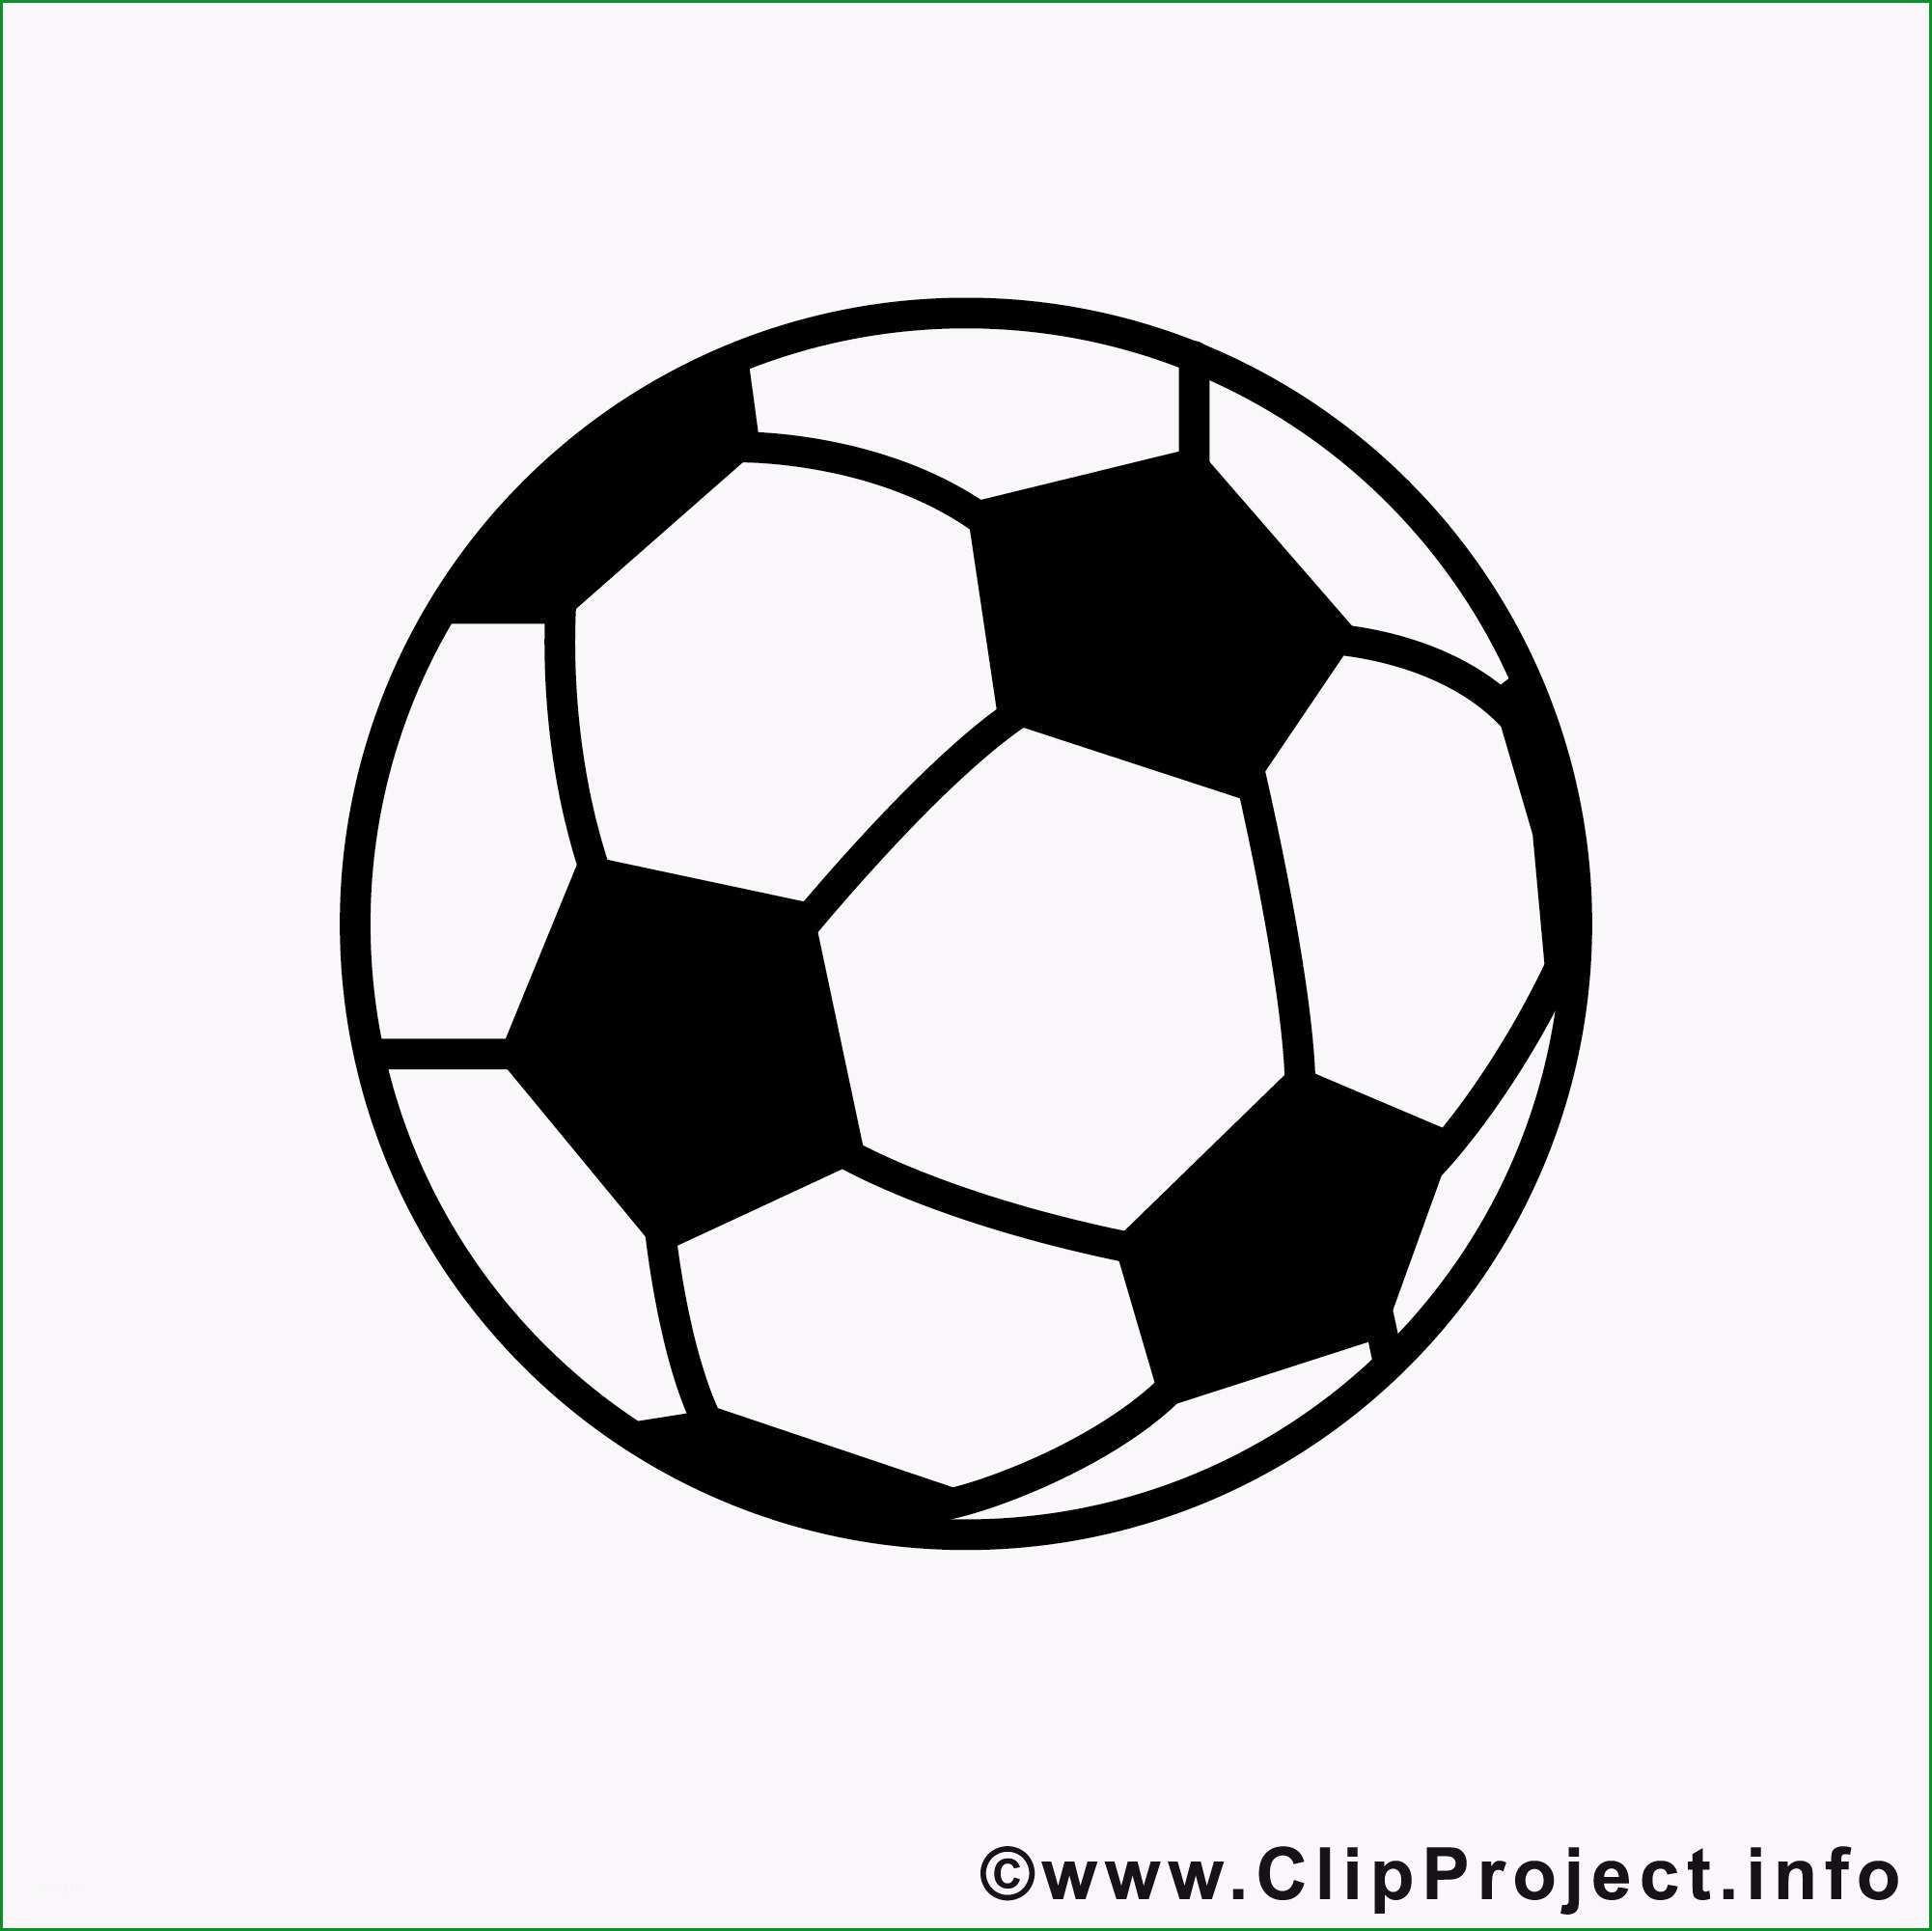 Atemberaubend Fussball Vorlage Sie Jetzt Versuchen Mussen